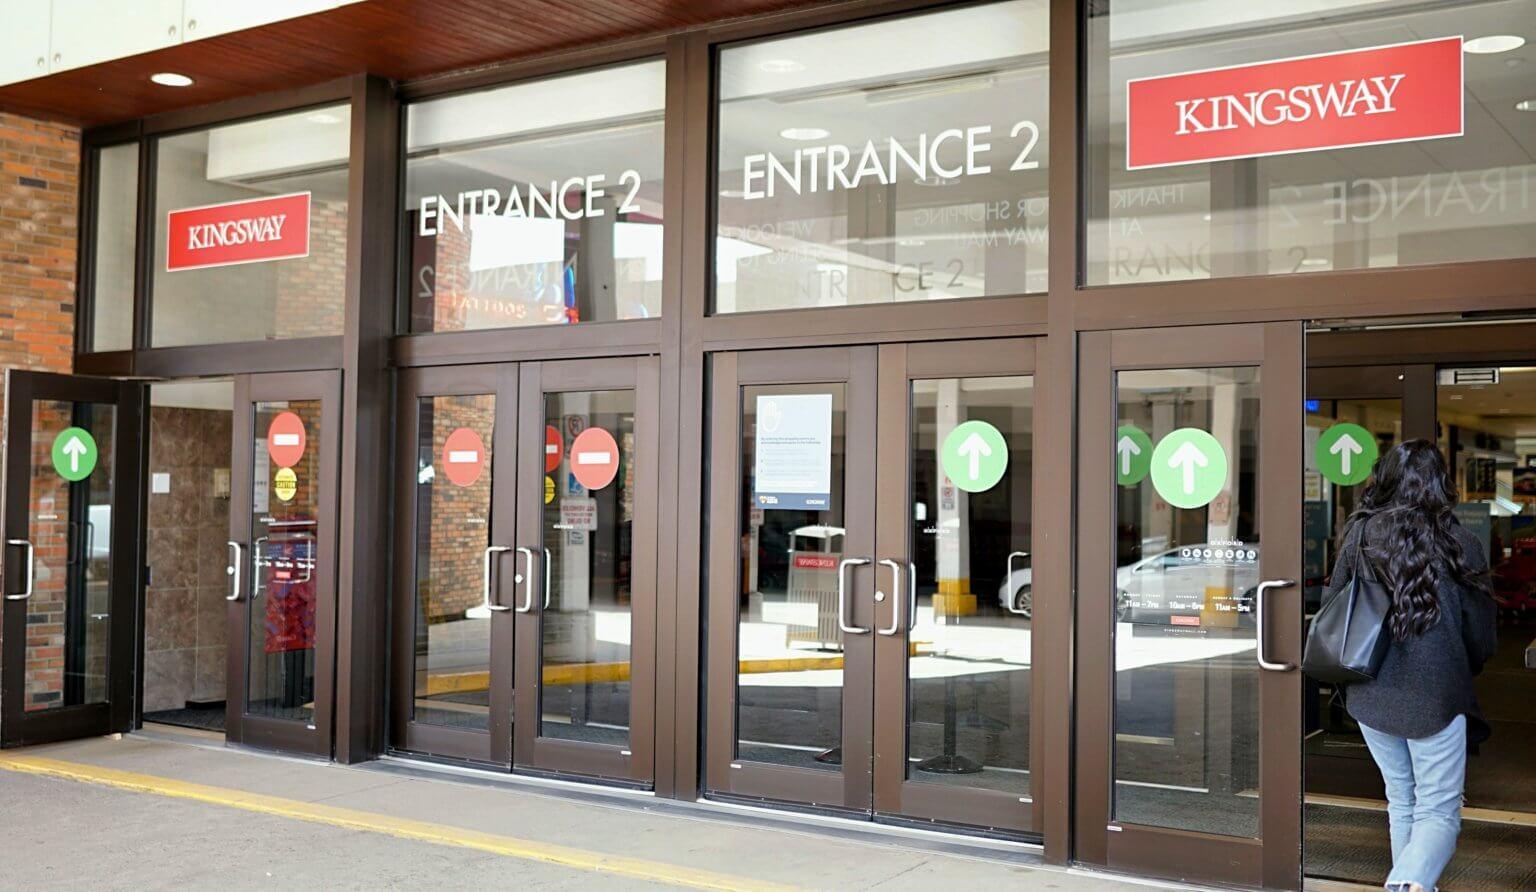 Entrance 2 - exterior doors